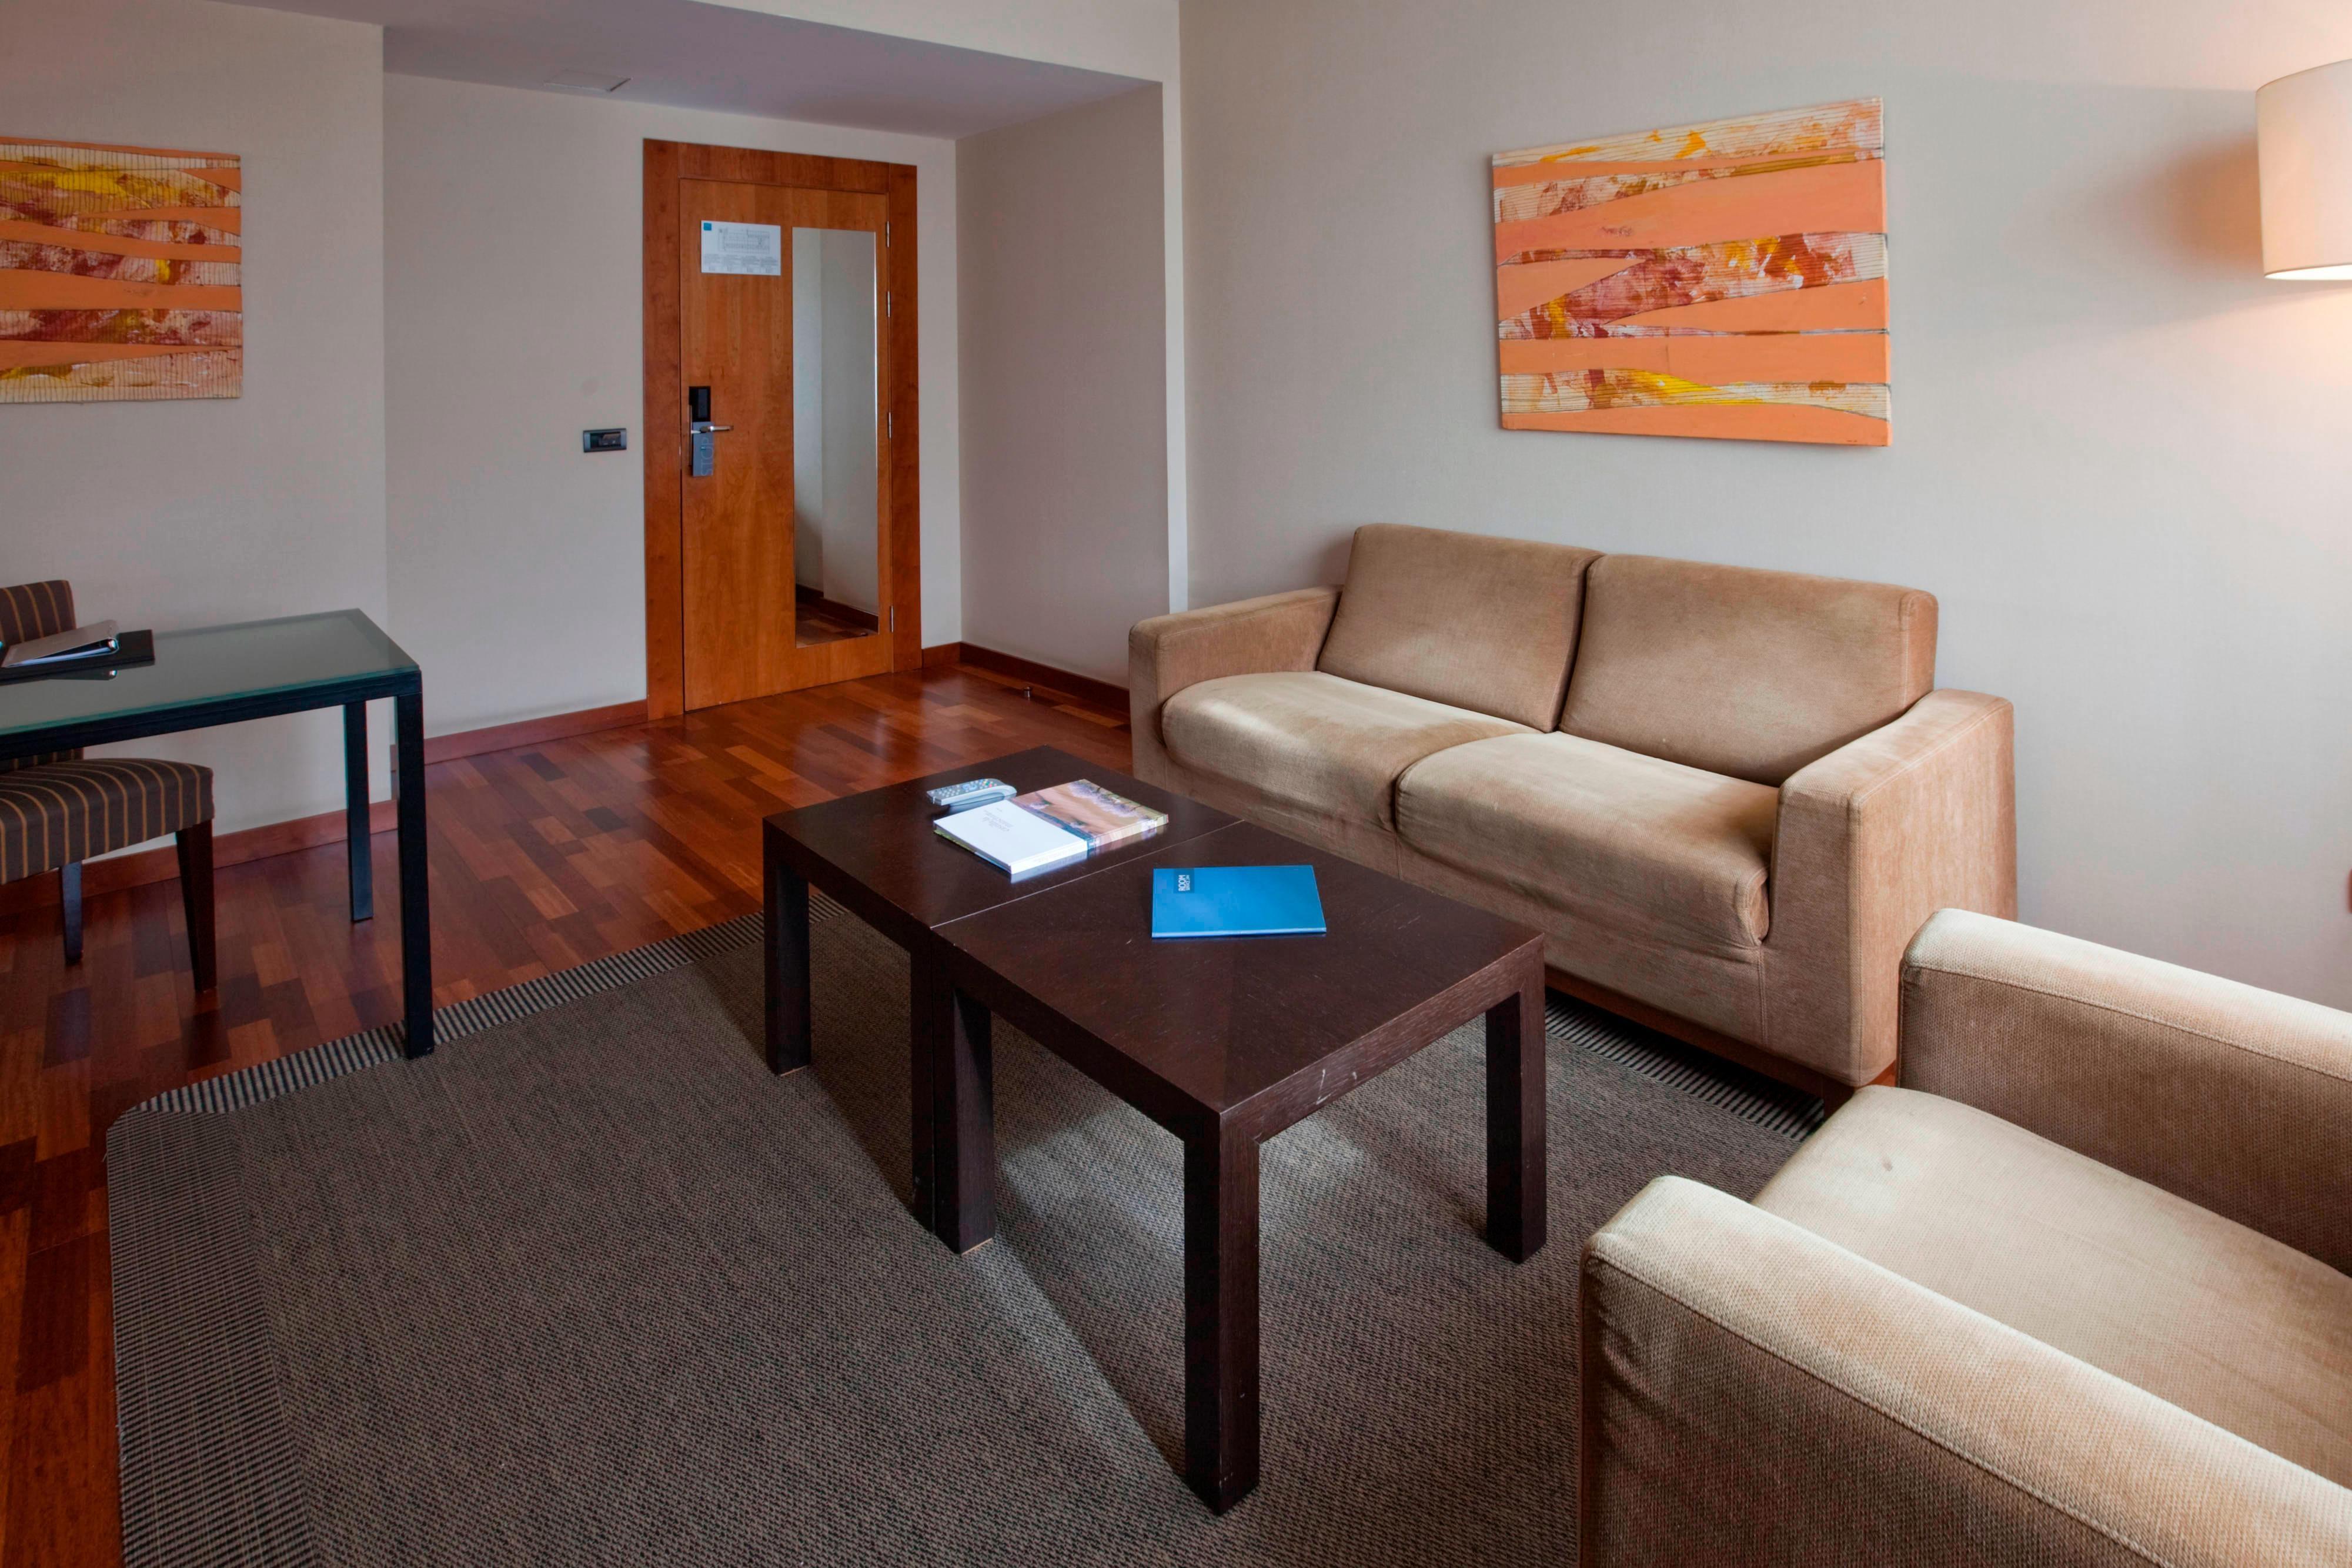 Habitaciones suite en hotel de Guadalajara